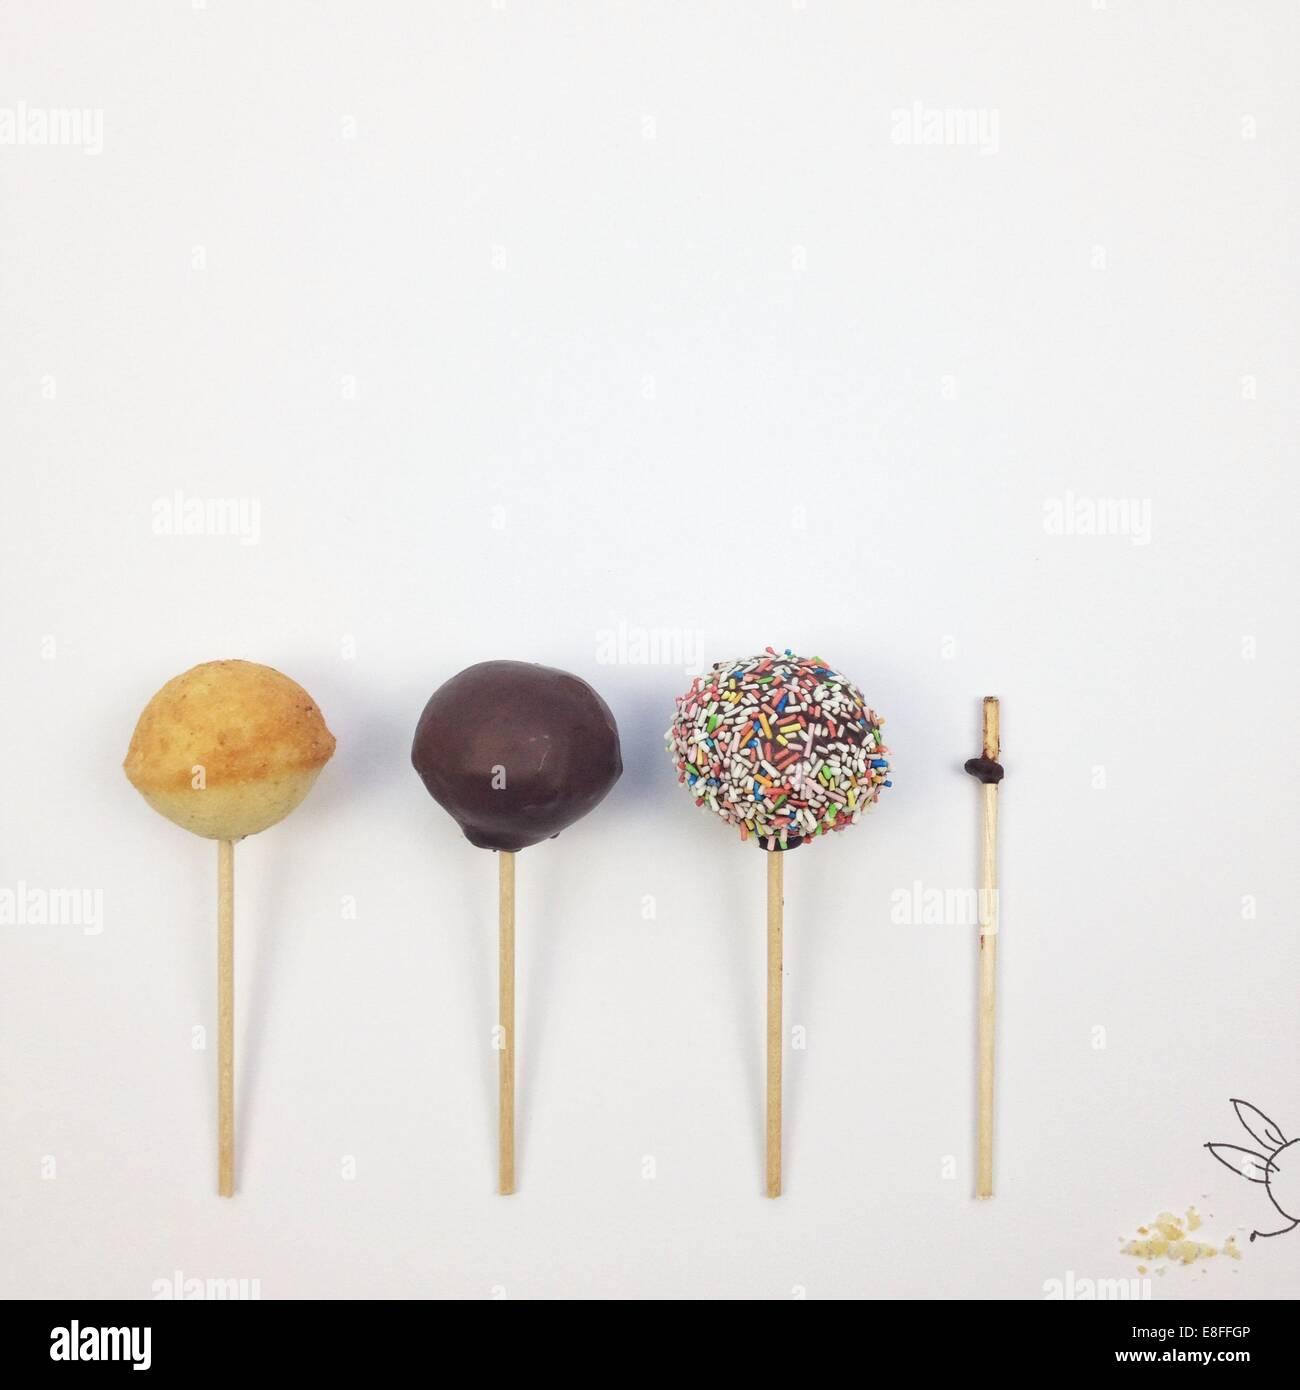 Konzeptionelle Fantasy Charakter Süßwaren Essen Stockbild